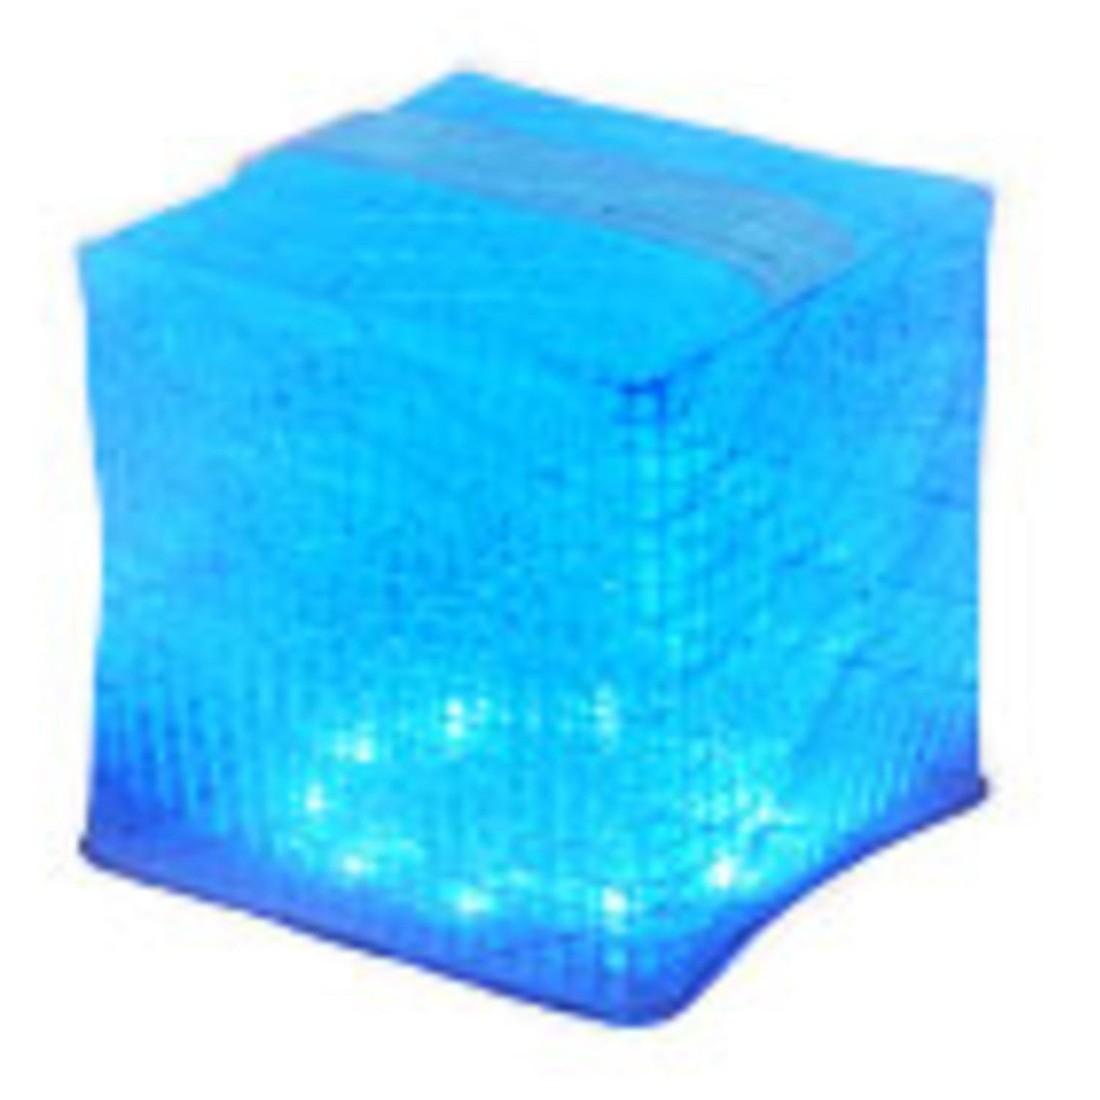 ランドポート キャリー・ザ・サン レインボー MEDIUM キャリーザサン LED 軽量 折り畳み ソーラー ランタン ミディアム非常用 ソーラーライト   正規品